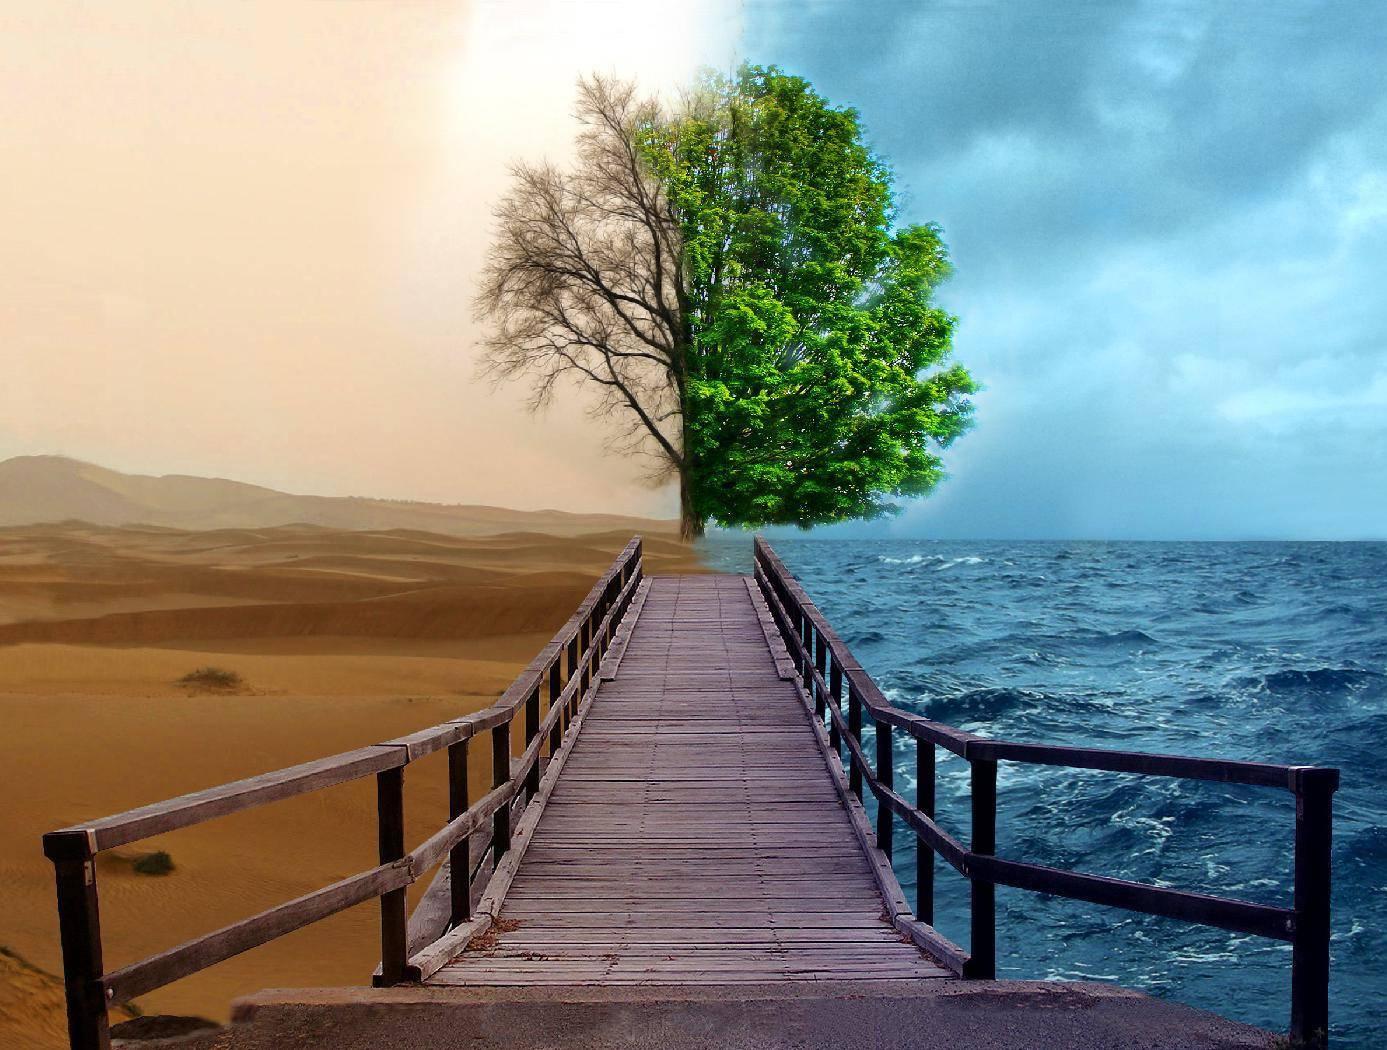 Path-bridges-ocean